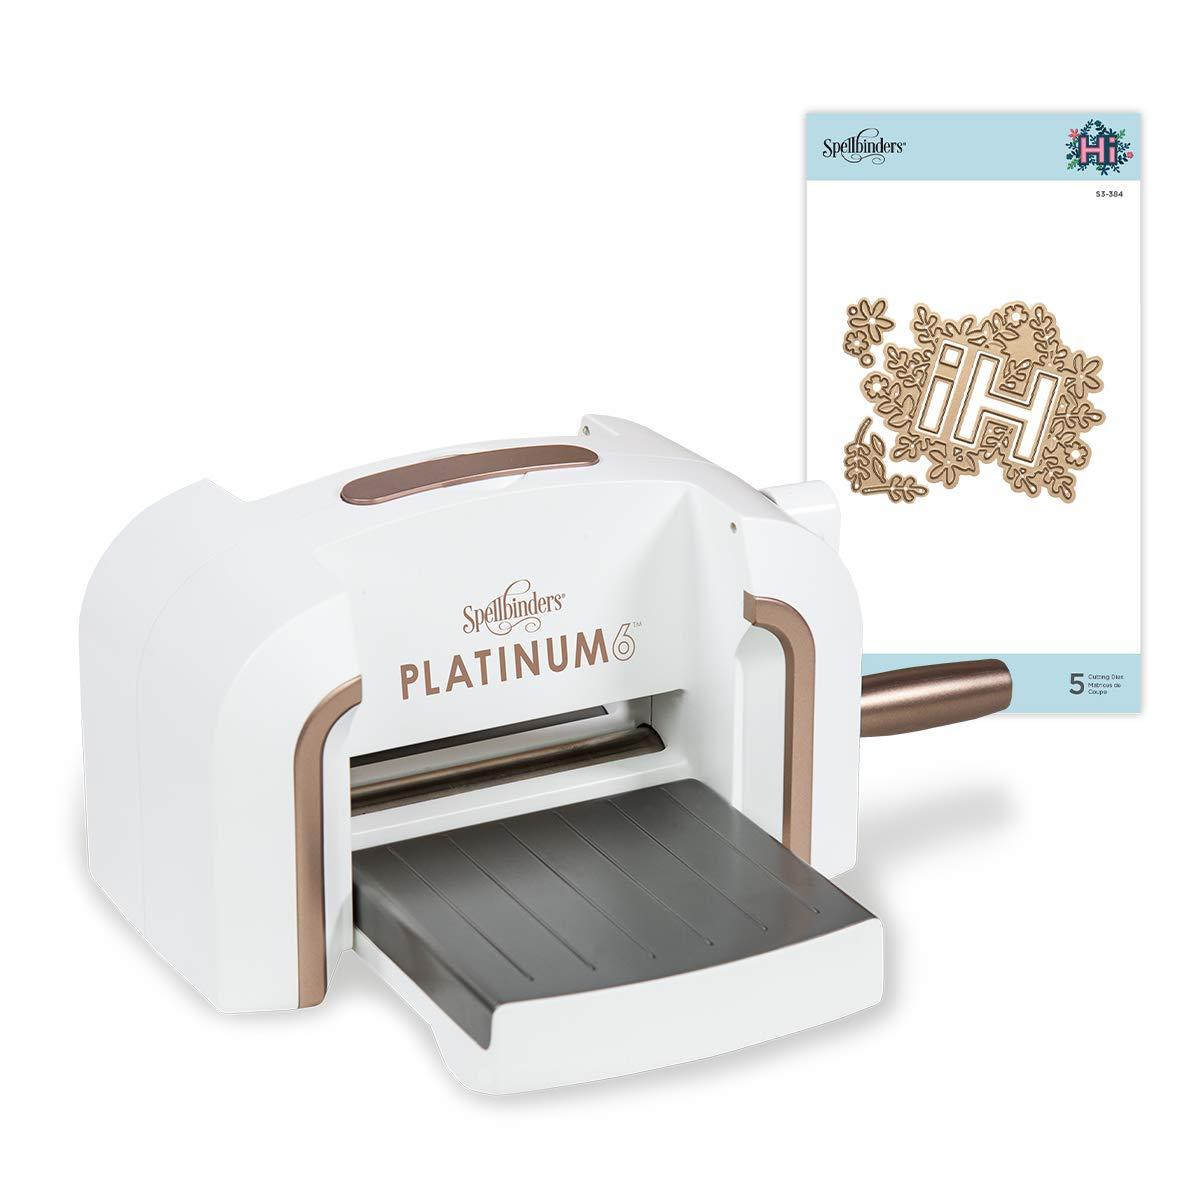 Spellbinders Platinum 6 Inch Platform Cutting Machine + Die, White